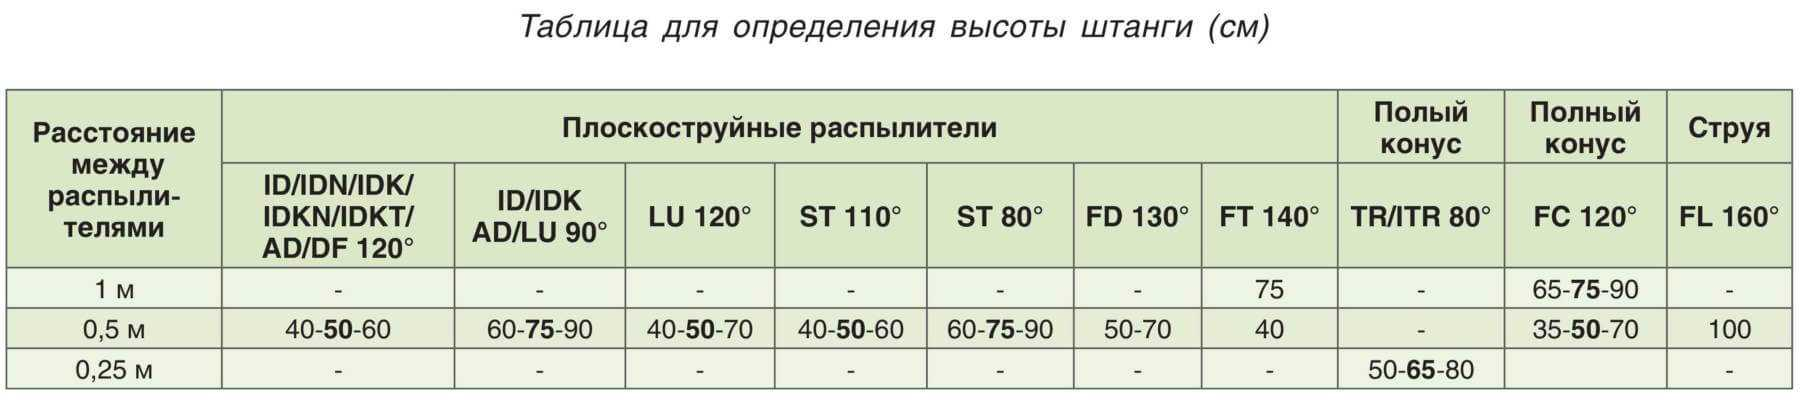 Определение высоты штанги опрыскивателя